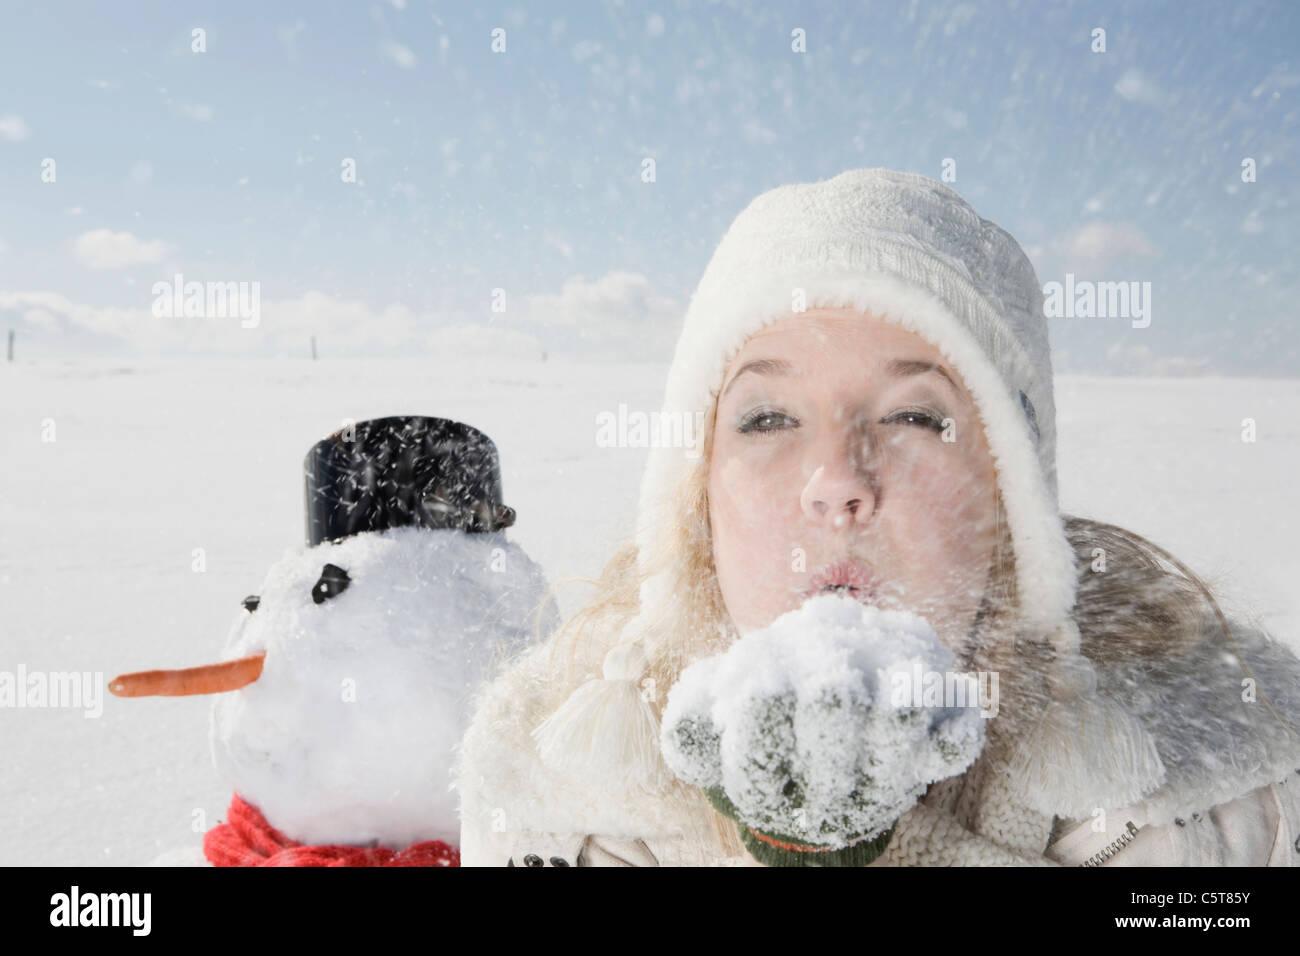 Alemania, Baviera, Munich, joven soplado de nieve fuera de mano, Retrato Imagen De Stock